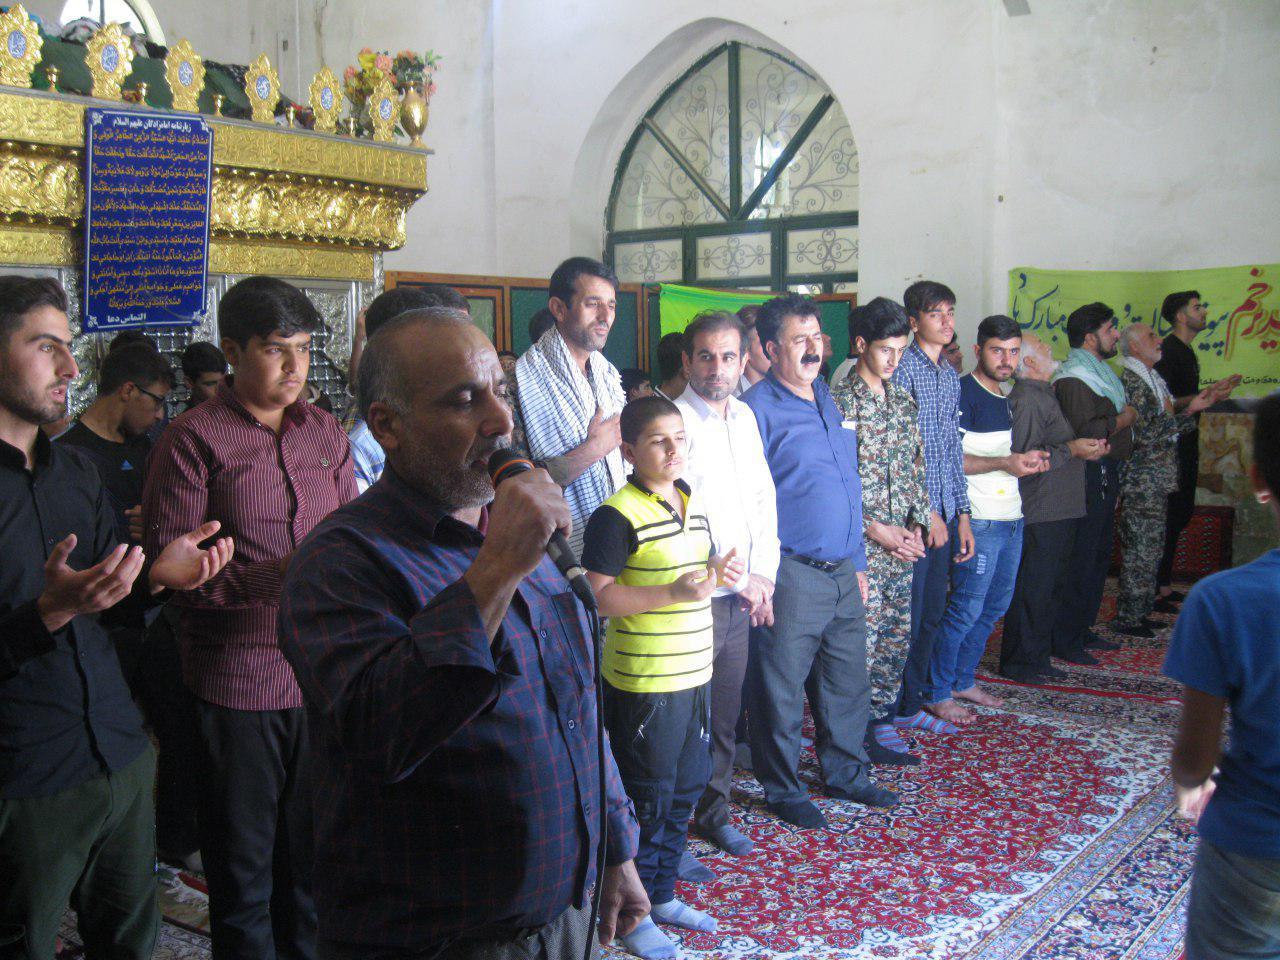 اردوی بسیجیان حلقات صالحین حوزه مقاومت بسیج سلمان فارسی پل تنگ